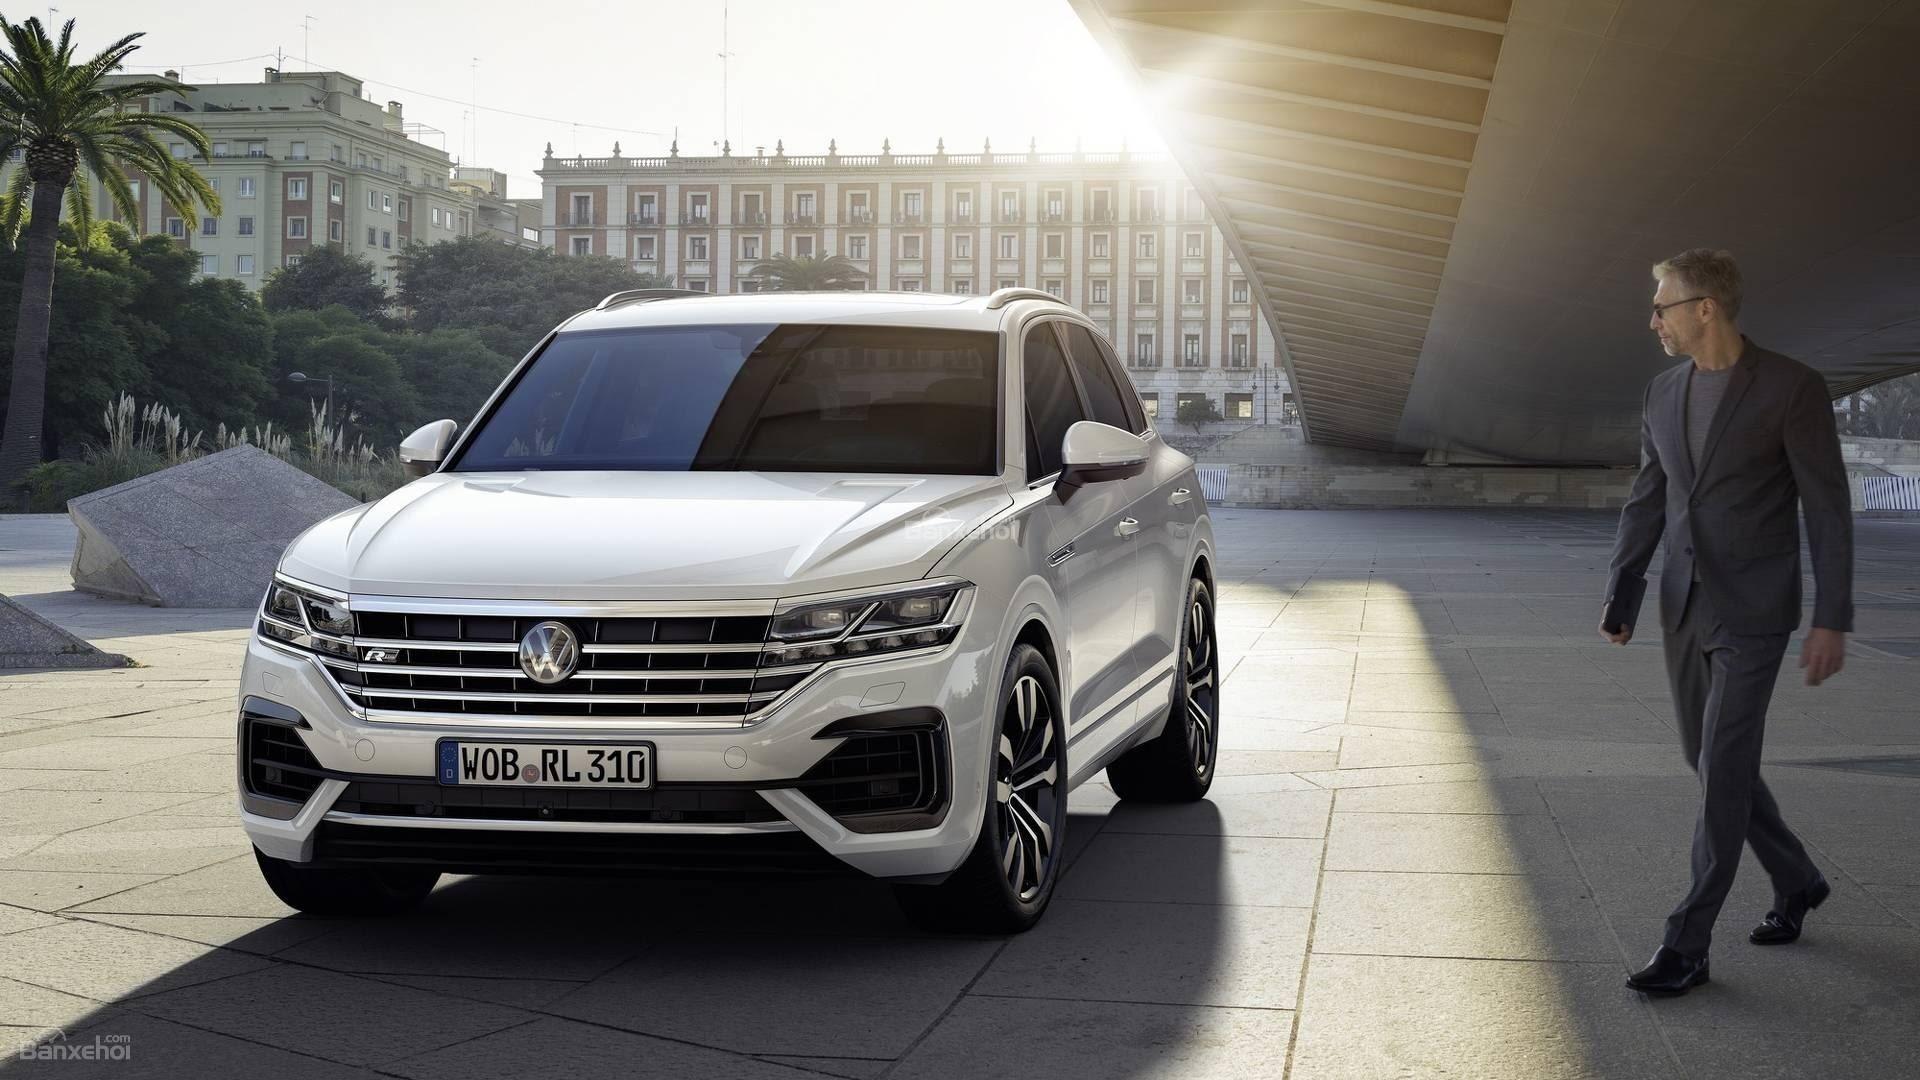 Whats New In đanh Gia Xe Volkswagen Touareg 2020 Veiculo De Luxo Suv De Luxo Carros De Luxo